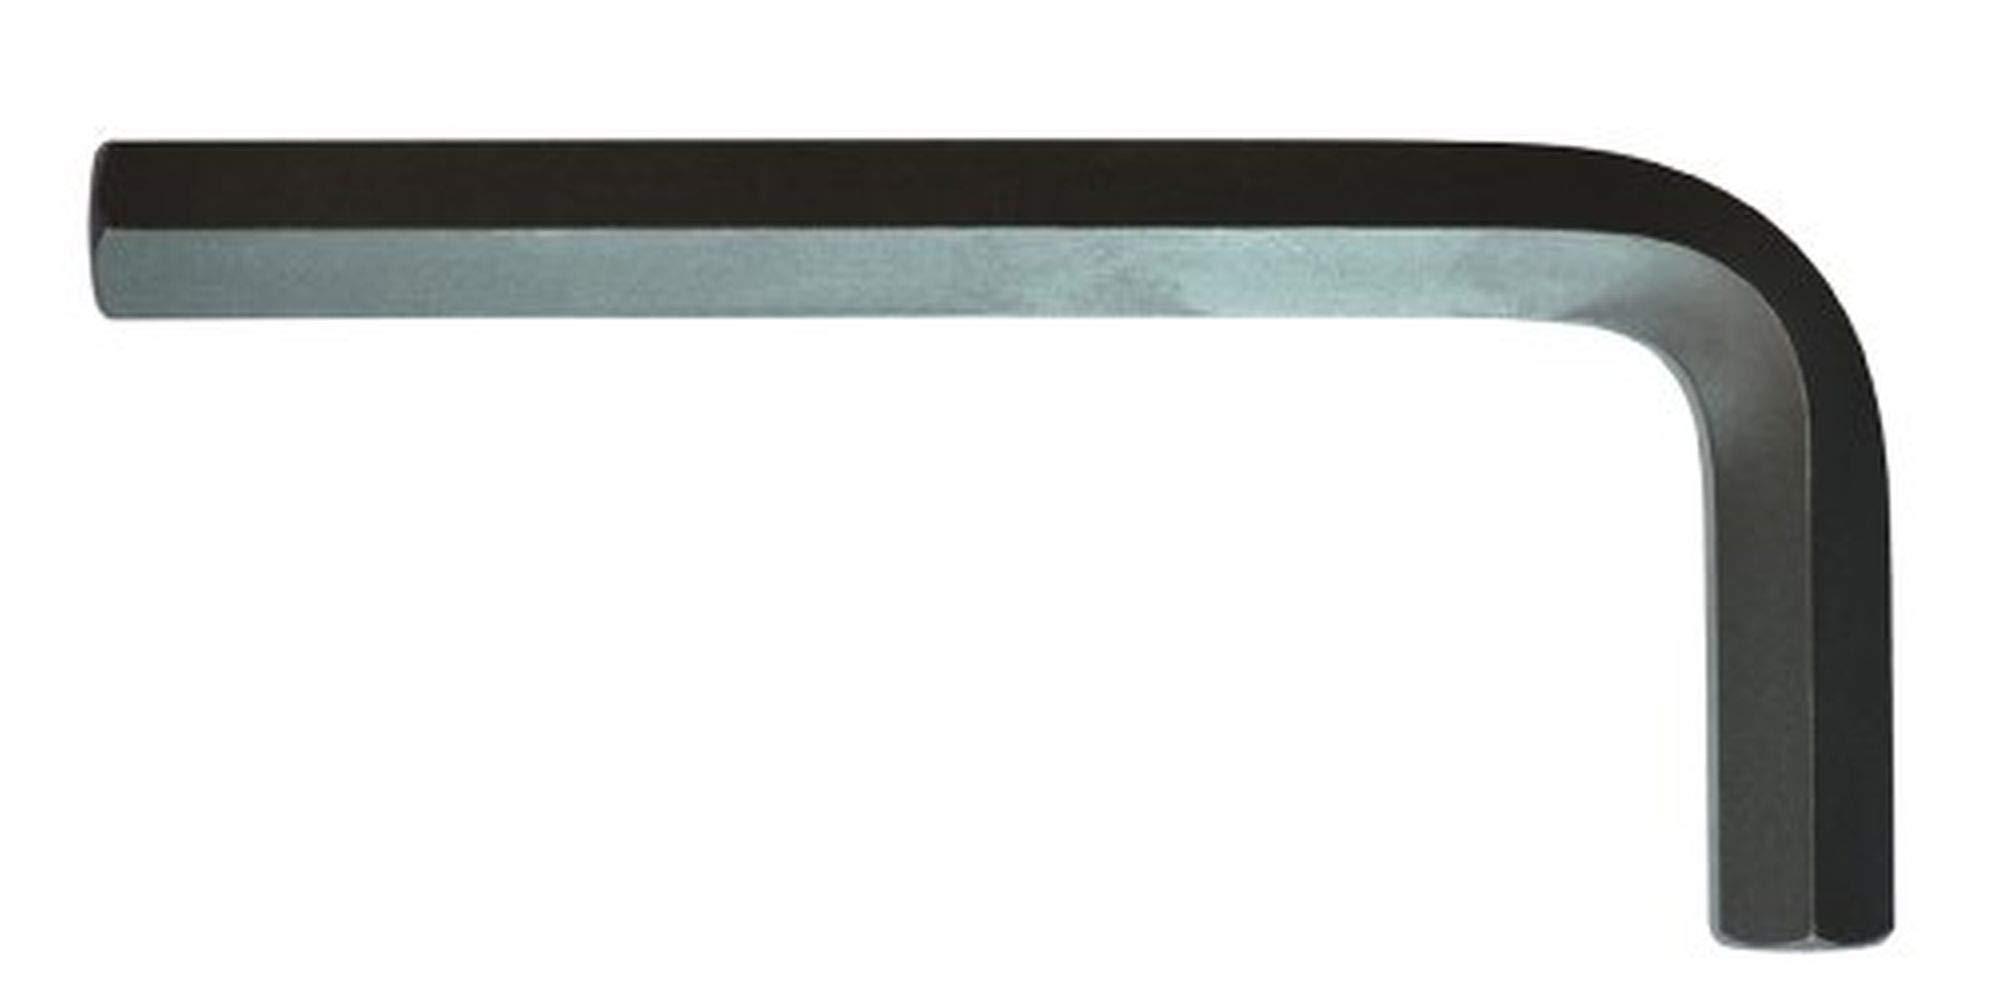 Bondhus 12295 27mm Short Hex L-Wrench by Bondhus